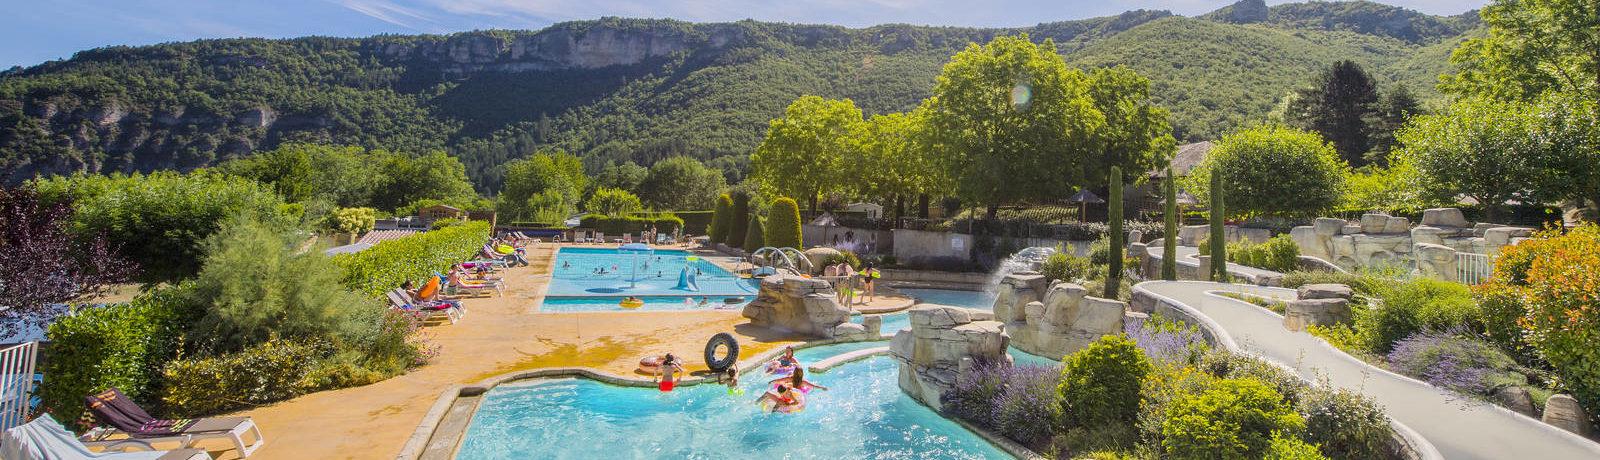 Midden in het ongerepte natuurgebied Les Grands Causses vind je het kindvriendelijke vakantiepark RCN Val de Cantobre, een Nederlandse kwaliteitscamping!